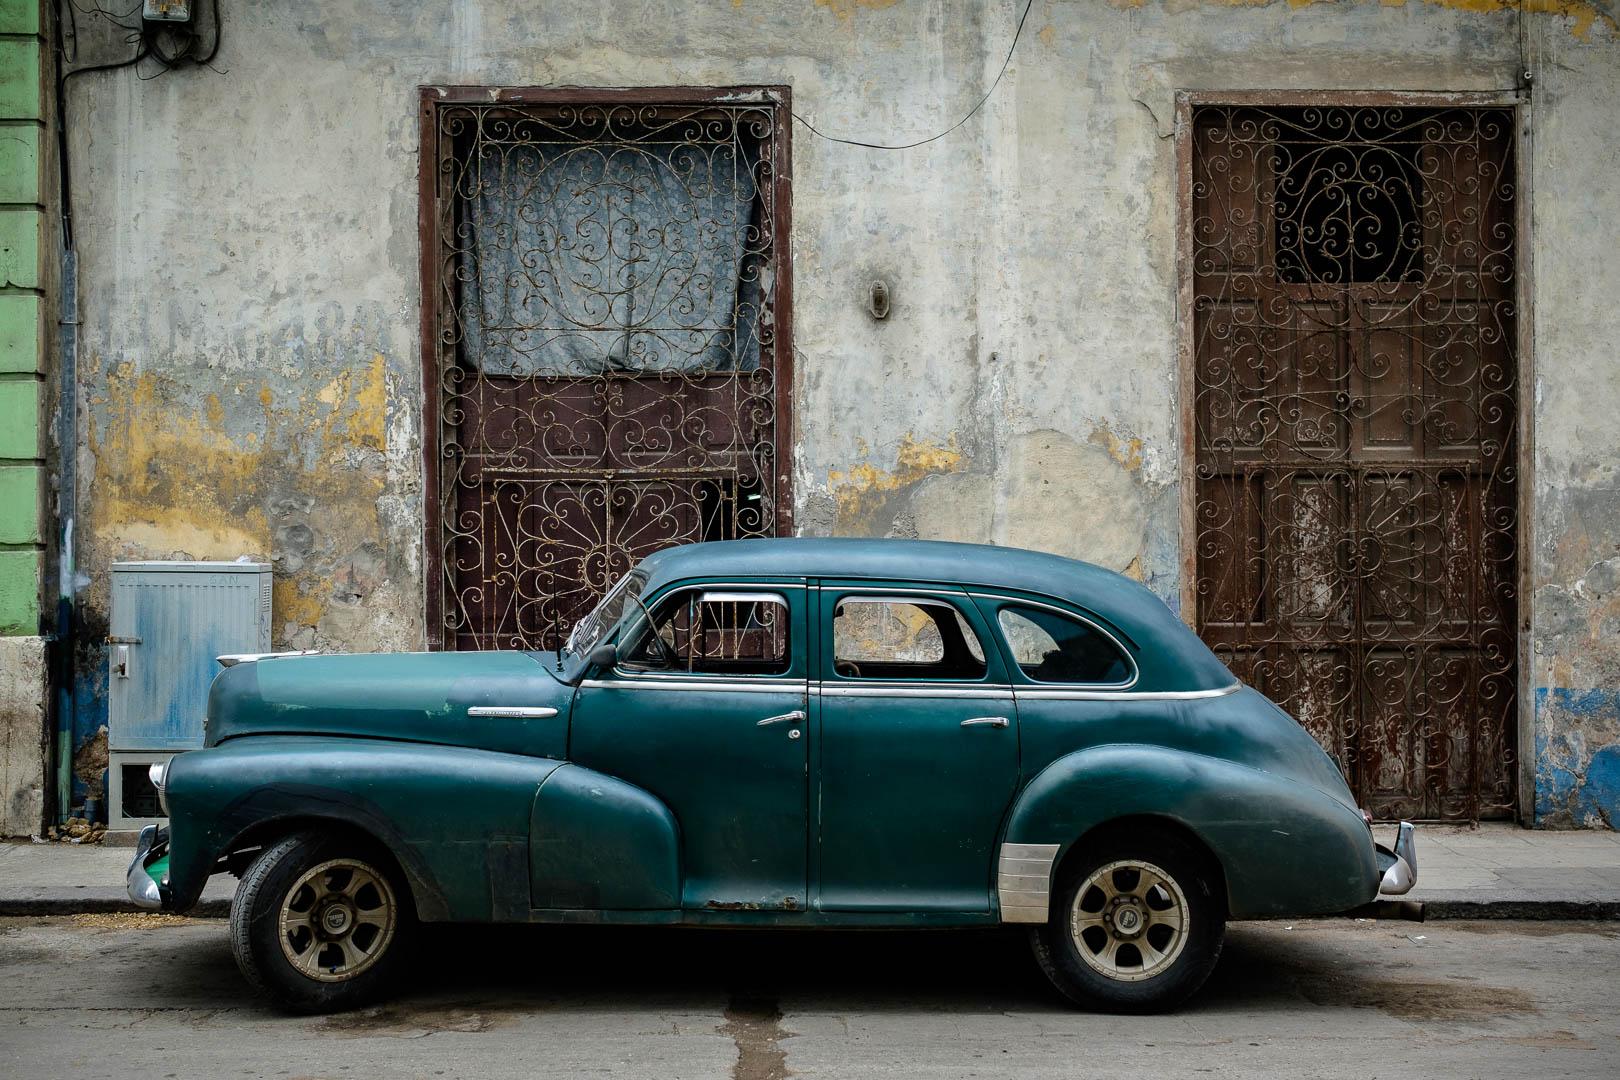 180427-Havana-115-1080.jpg